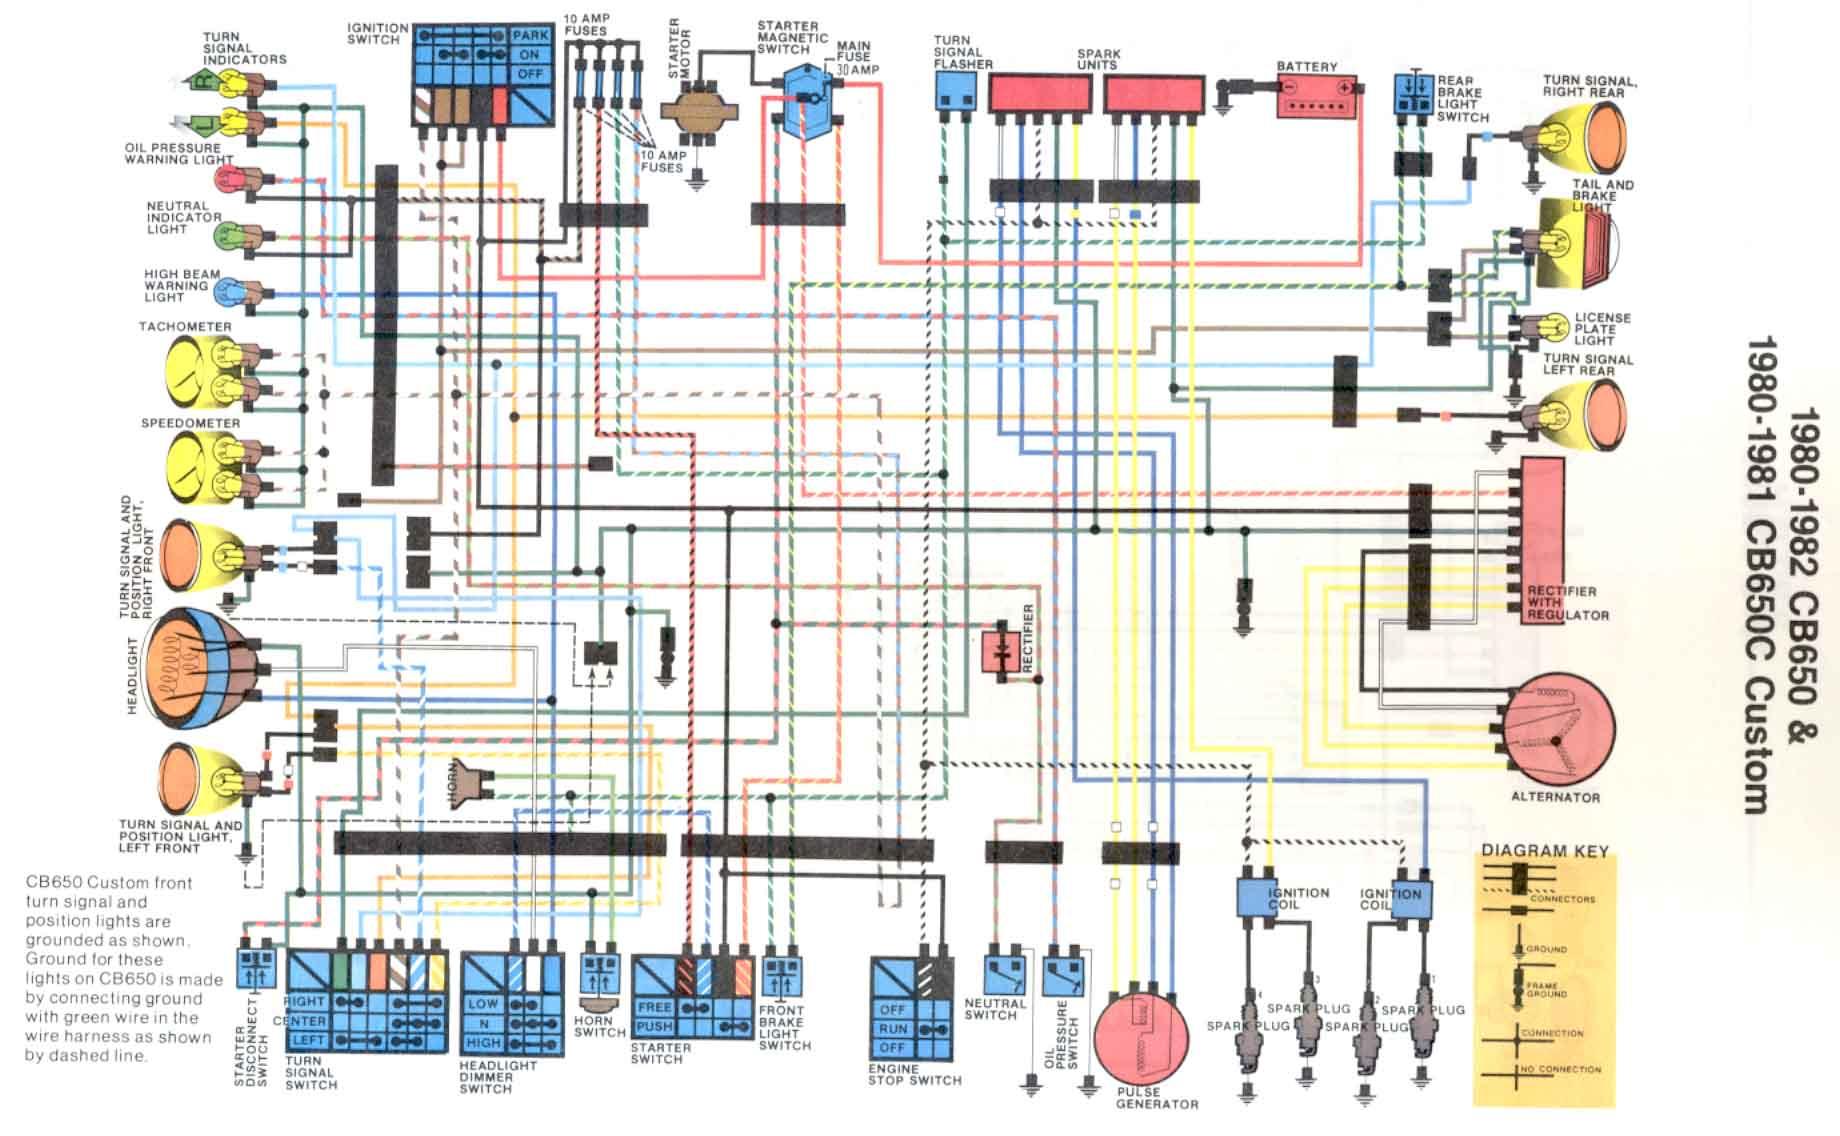 kawasaki kz1000 wiring diagram wiring diagrams clicks